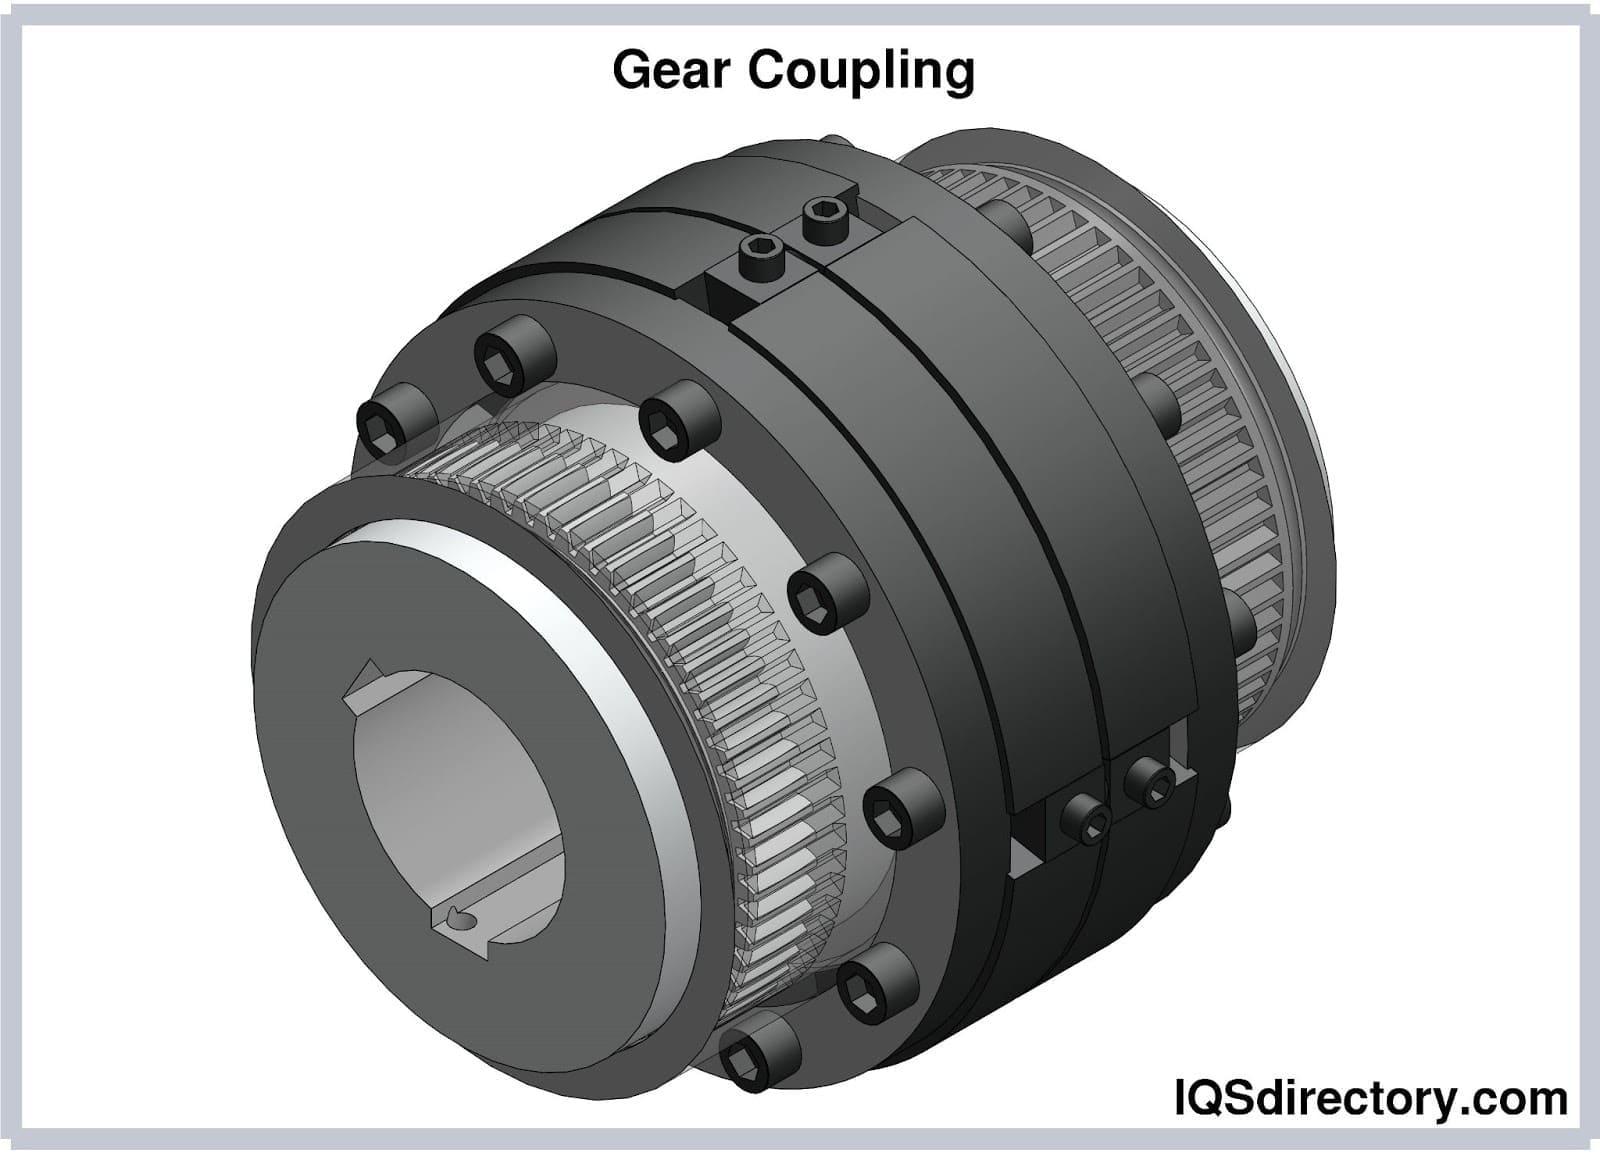 Gear Coupling 2